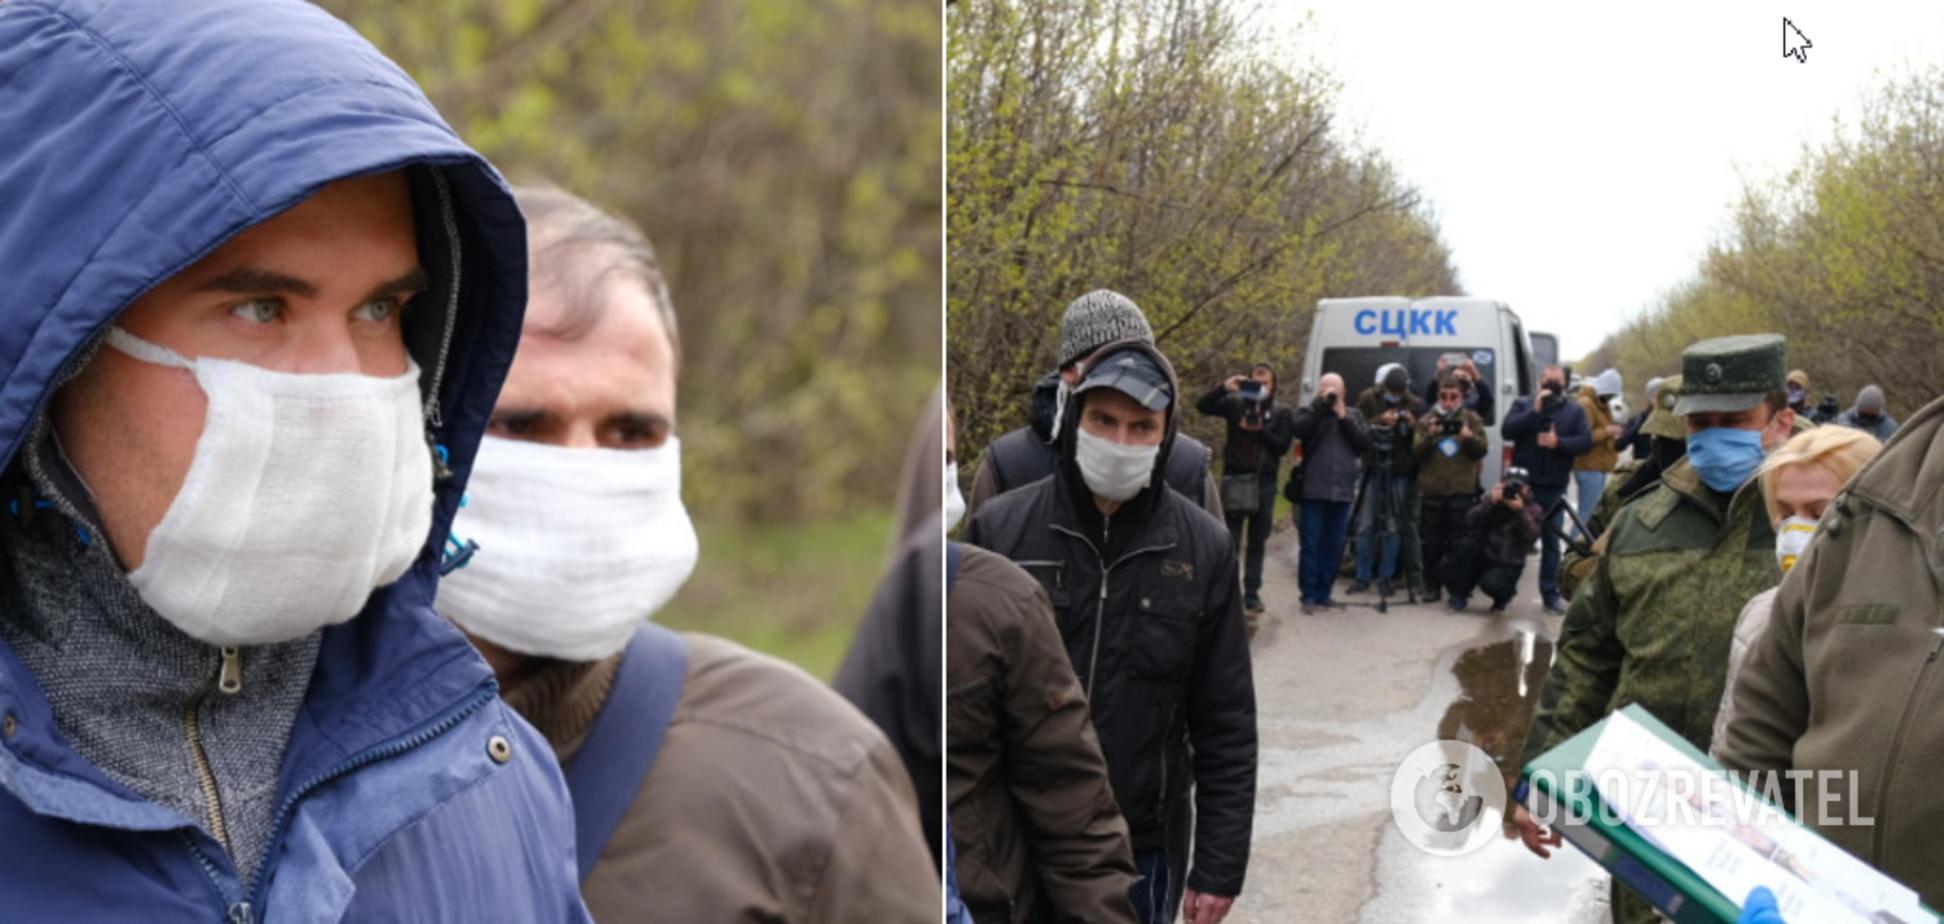 Обмін полоненими України з 'Л/ДНР': усі подробиці, фото й відео